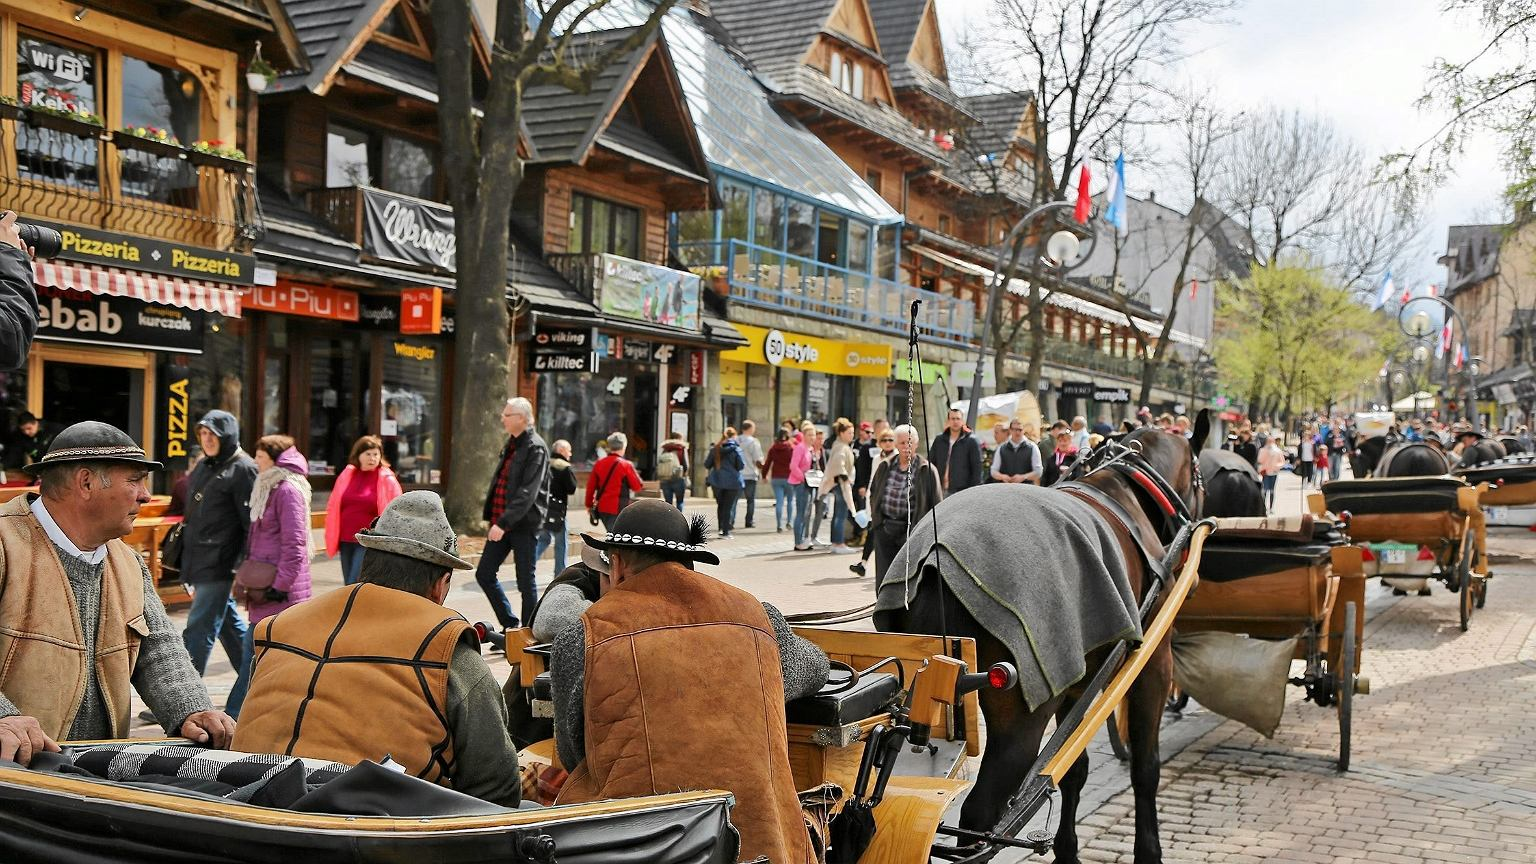 W sezonie Krupówki są pełne turystów